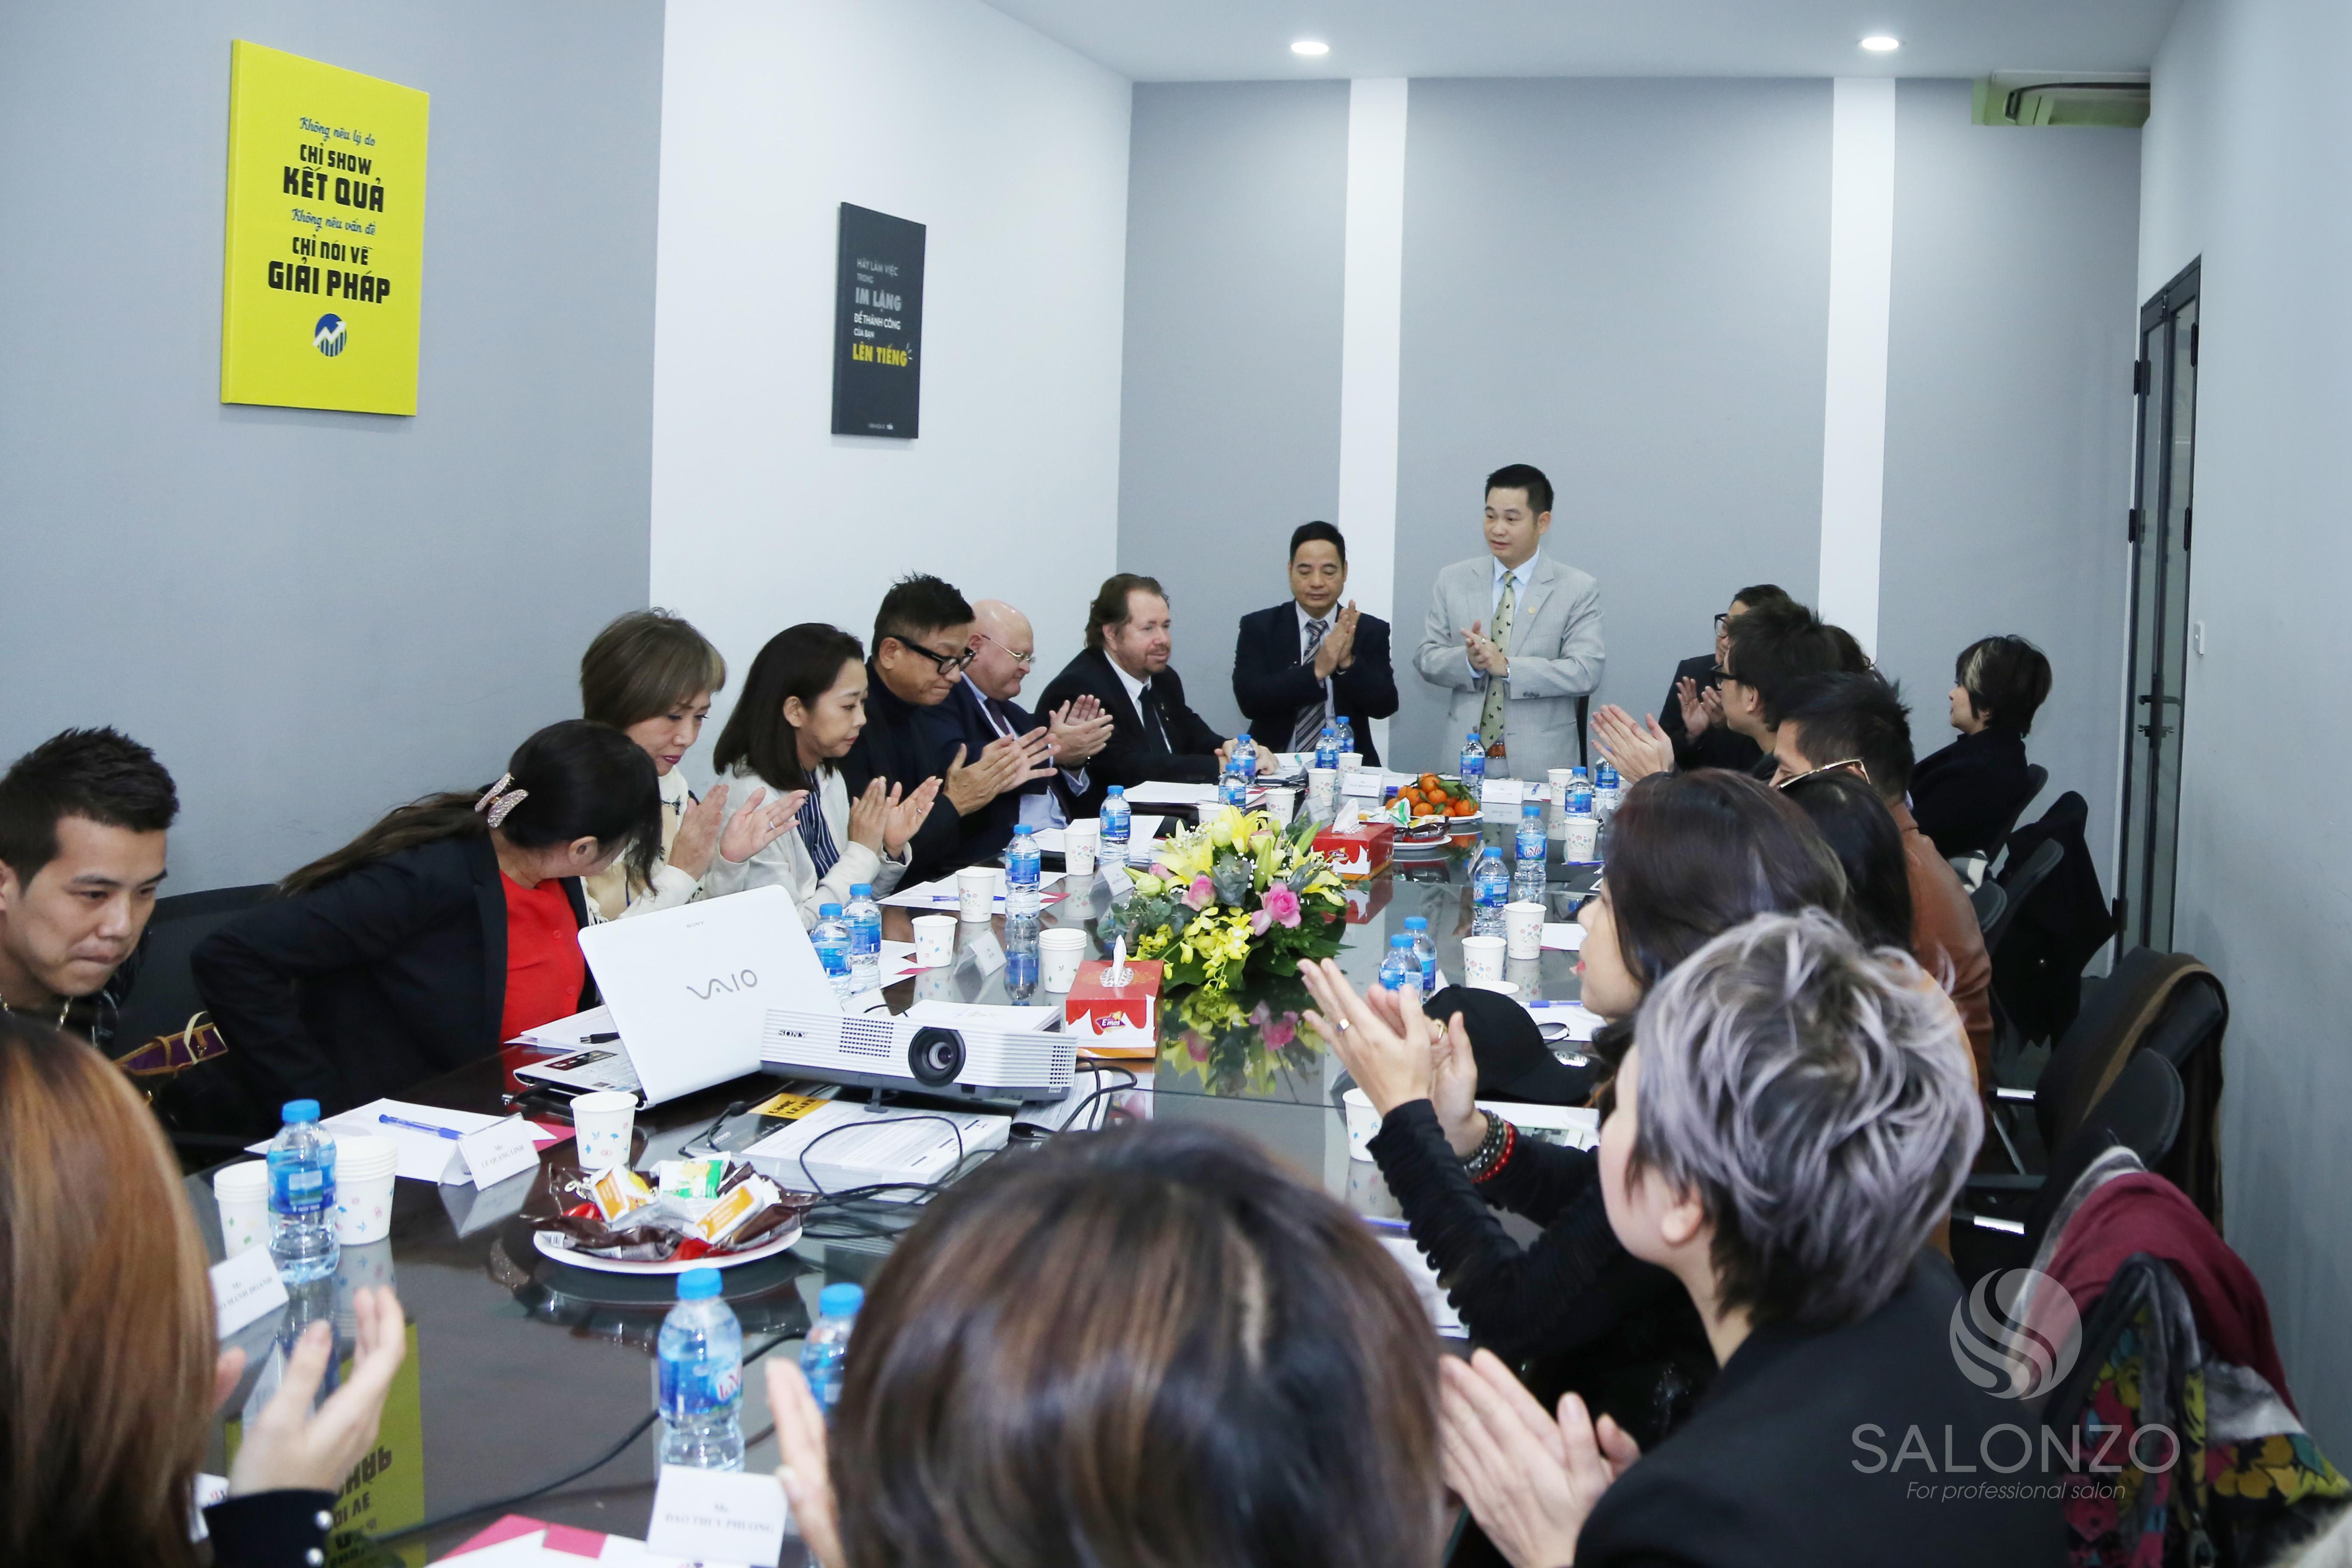 Cuộc Họp Thượng Đỉnh Giữa Hiệp Hội Tóc Quốc Tế ICD Và Các Nhà Tạo Mẫu Hàng Đầu Việt Nam